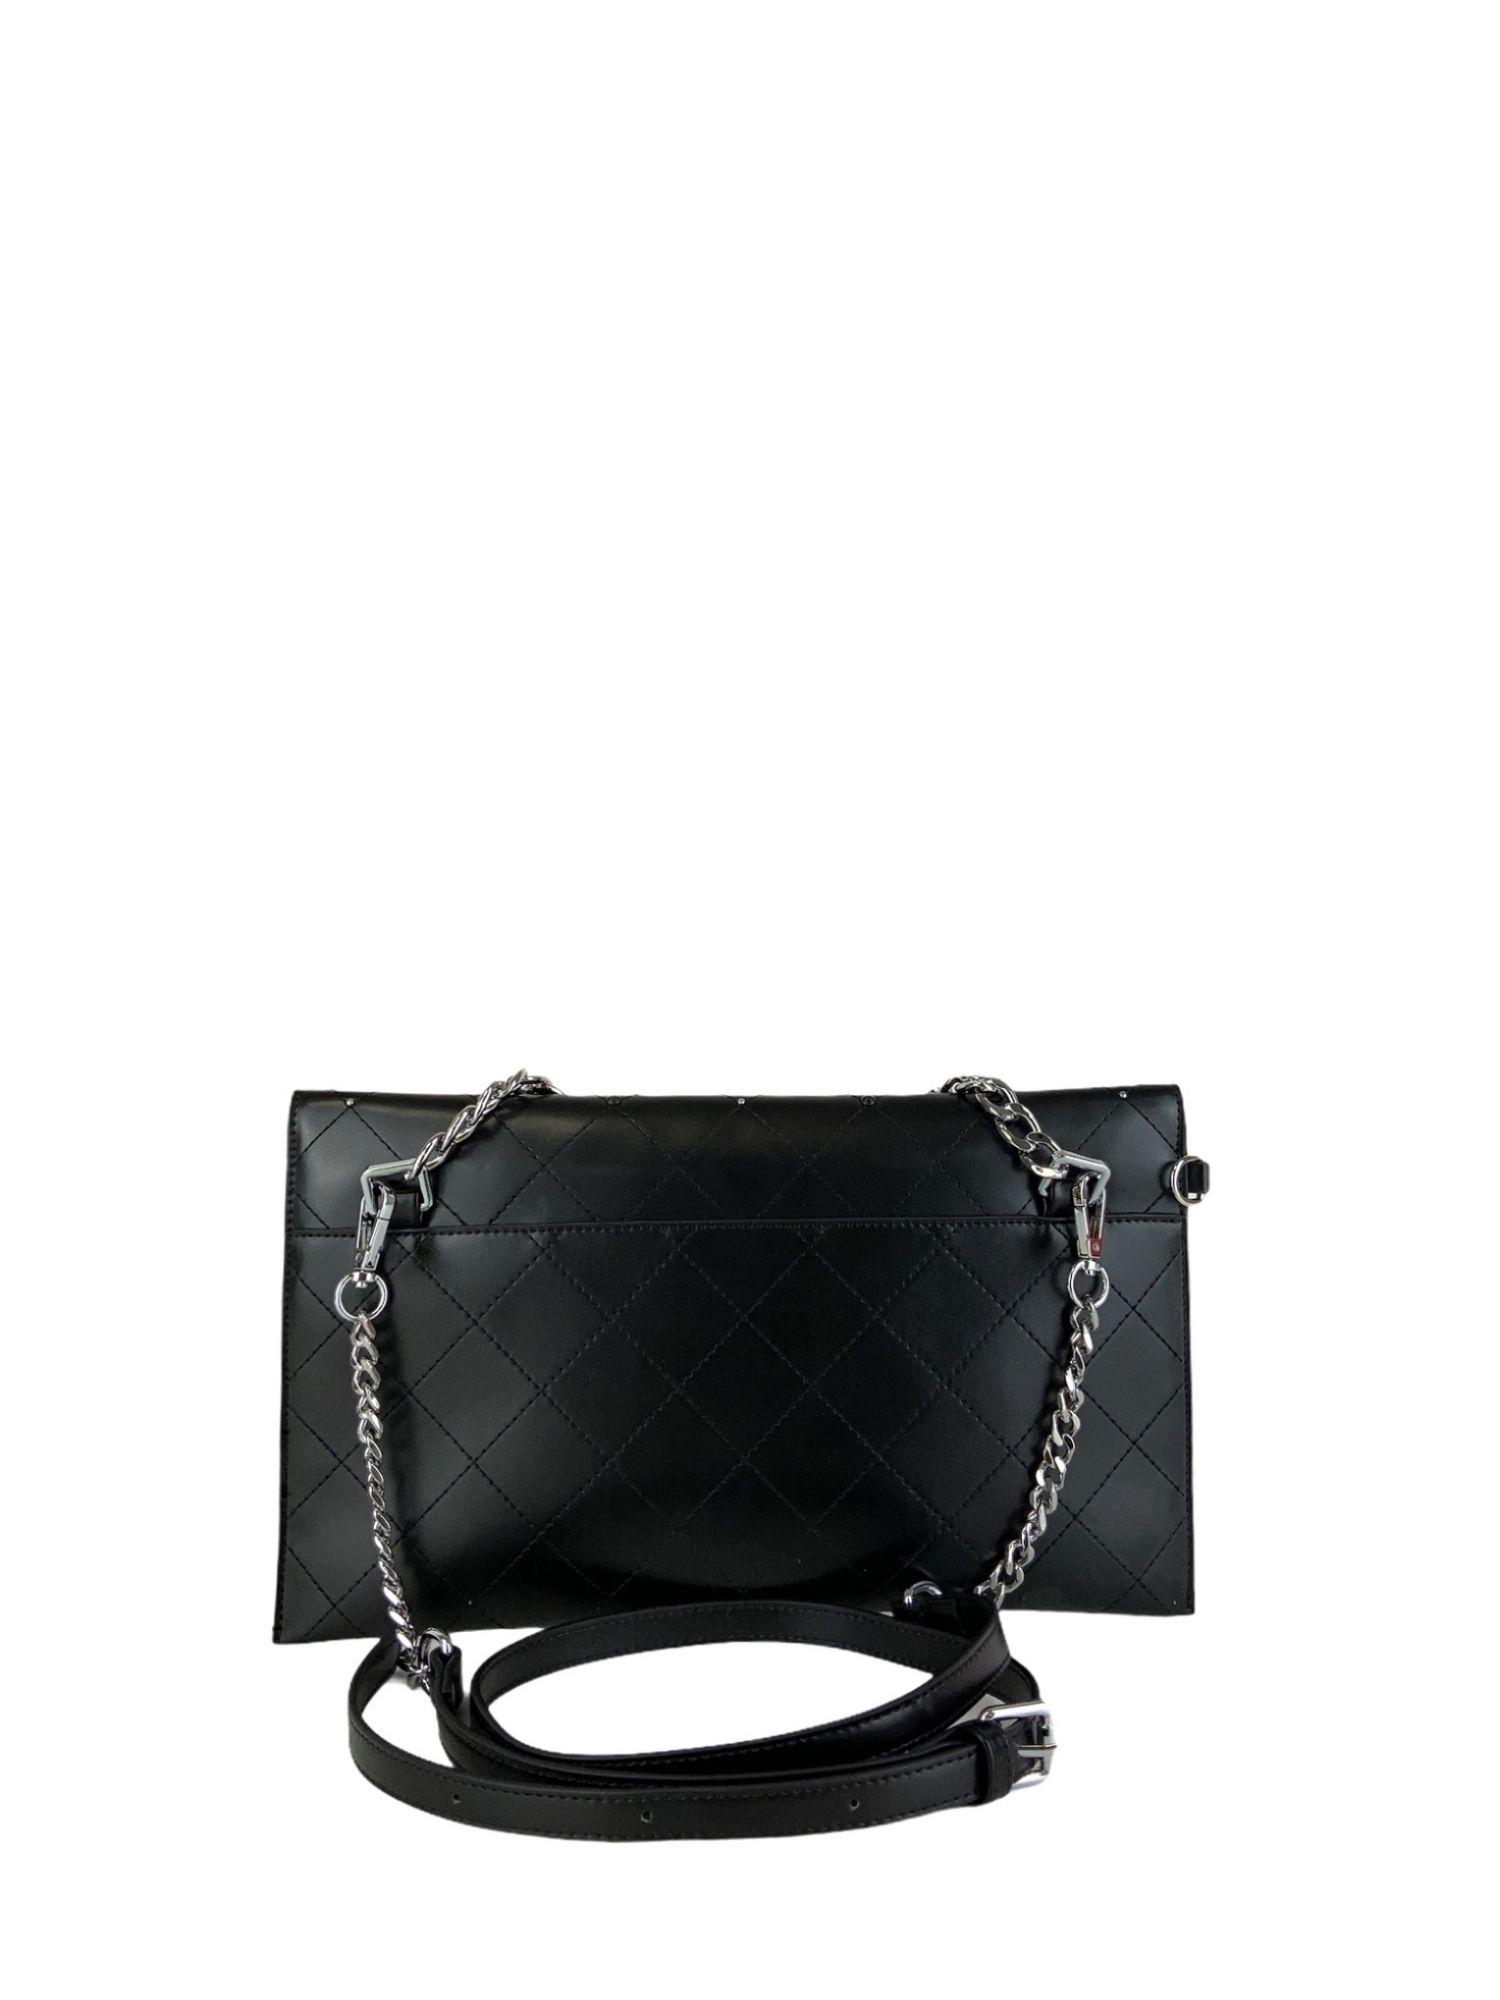 Borsa Atelier Du Sac Pash Bag 10957 Nero 2